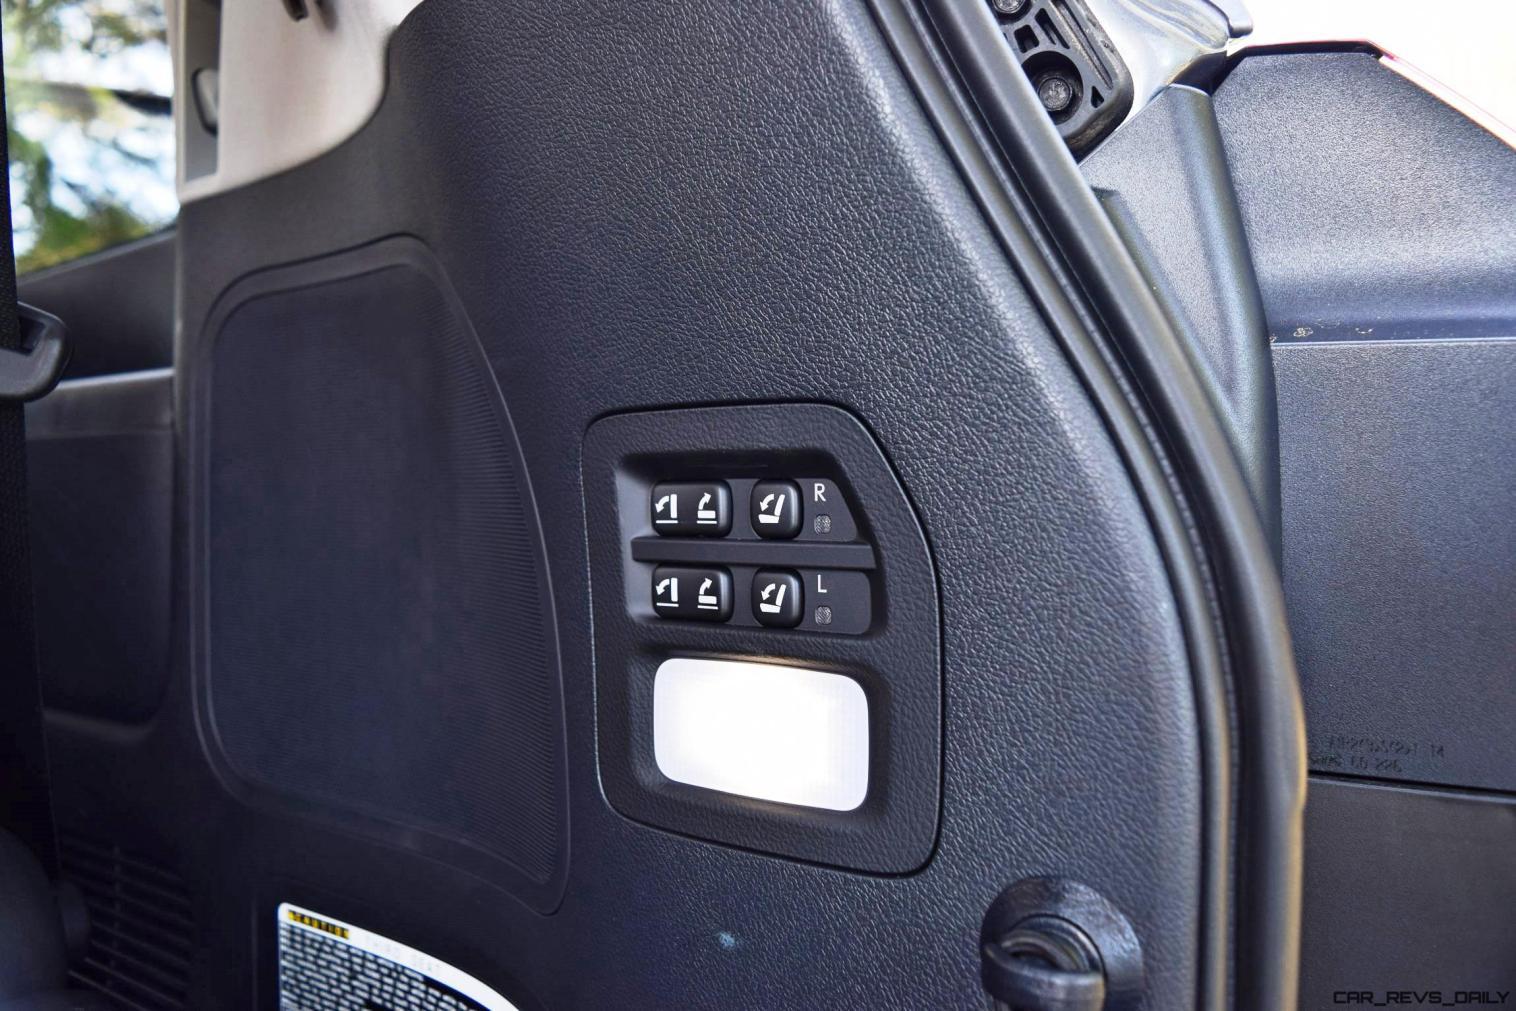 2016 Lexus LX570 Interior Photos 16